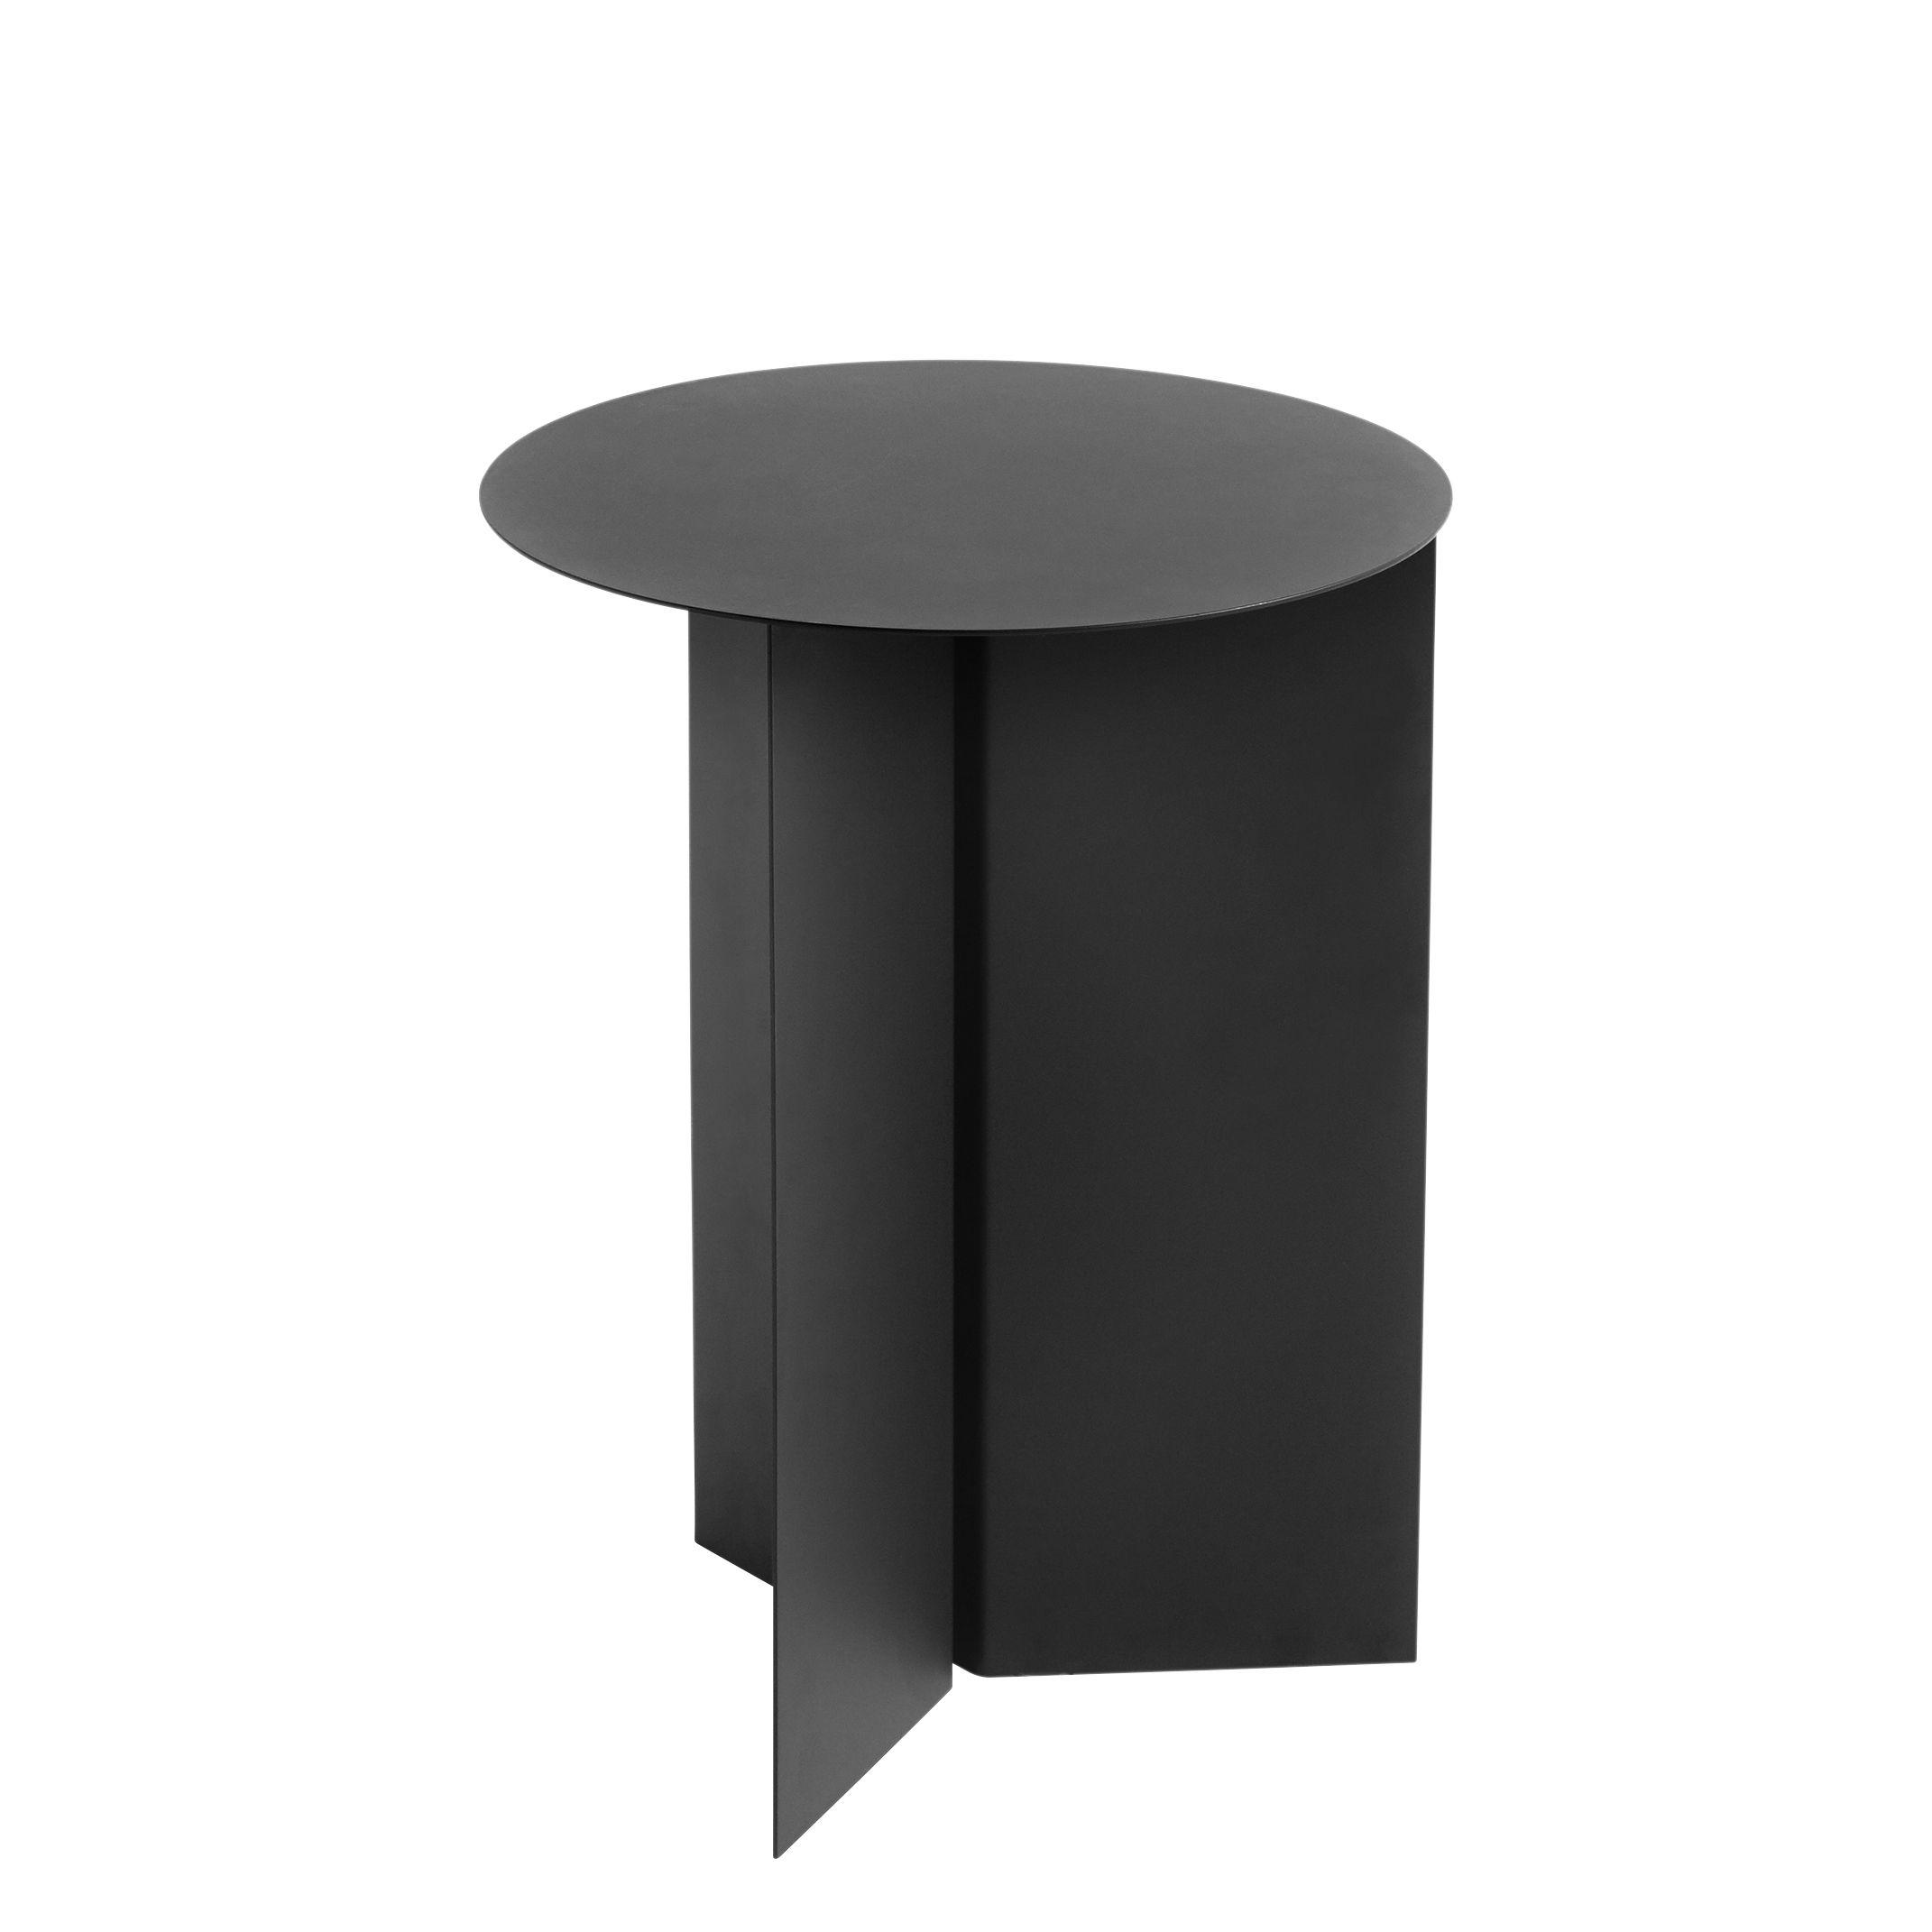 Mobilier - Tables basses - Table d'appoint Slit Round / Haute - Ø 35 X H 47 cm - Hay - Noir - Acier laqué époxy